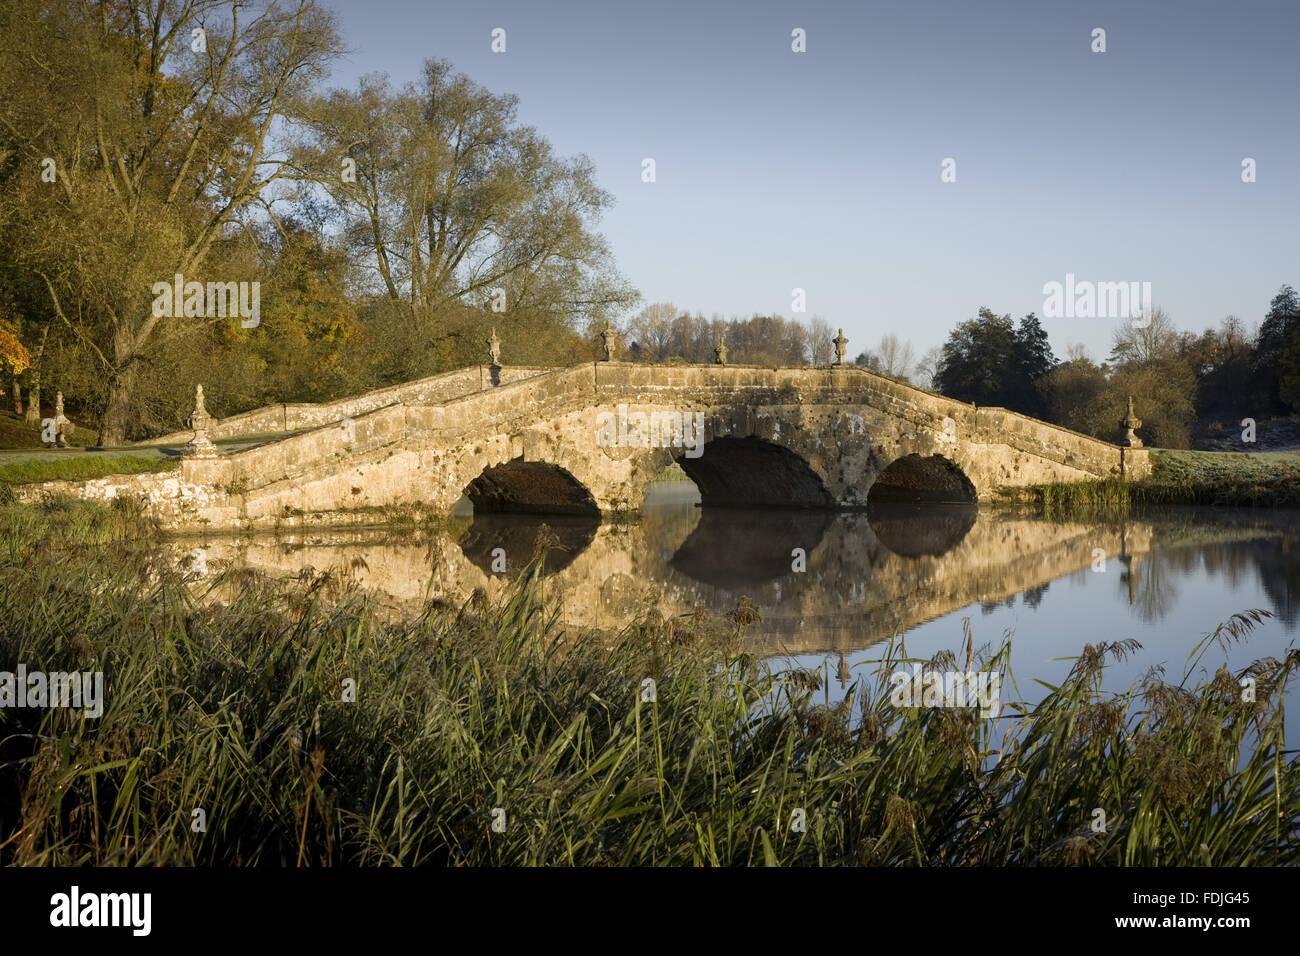 Der Oxford-Brücke an einem frostigen Tag bei Stowe Landscape Gardens, Buckinghamshire. Stockbild